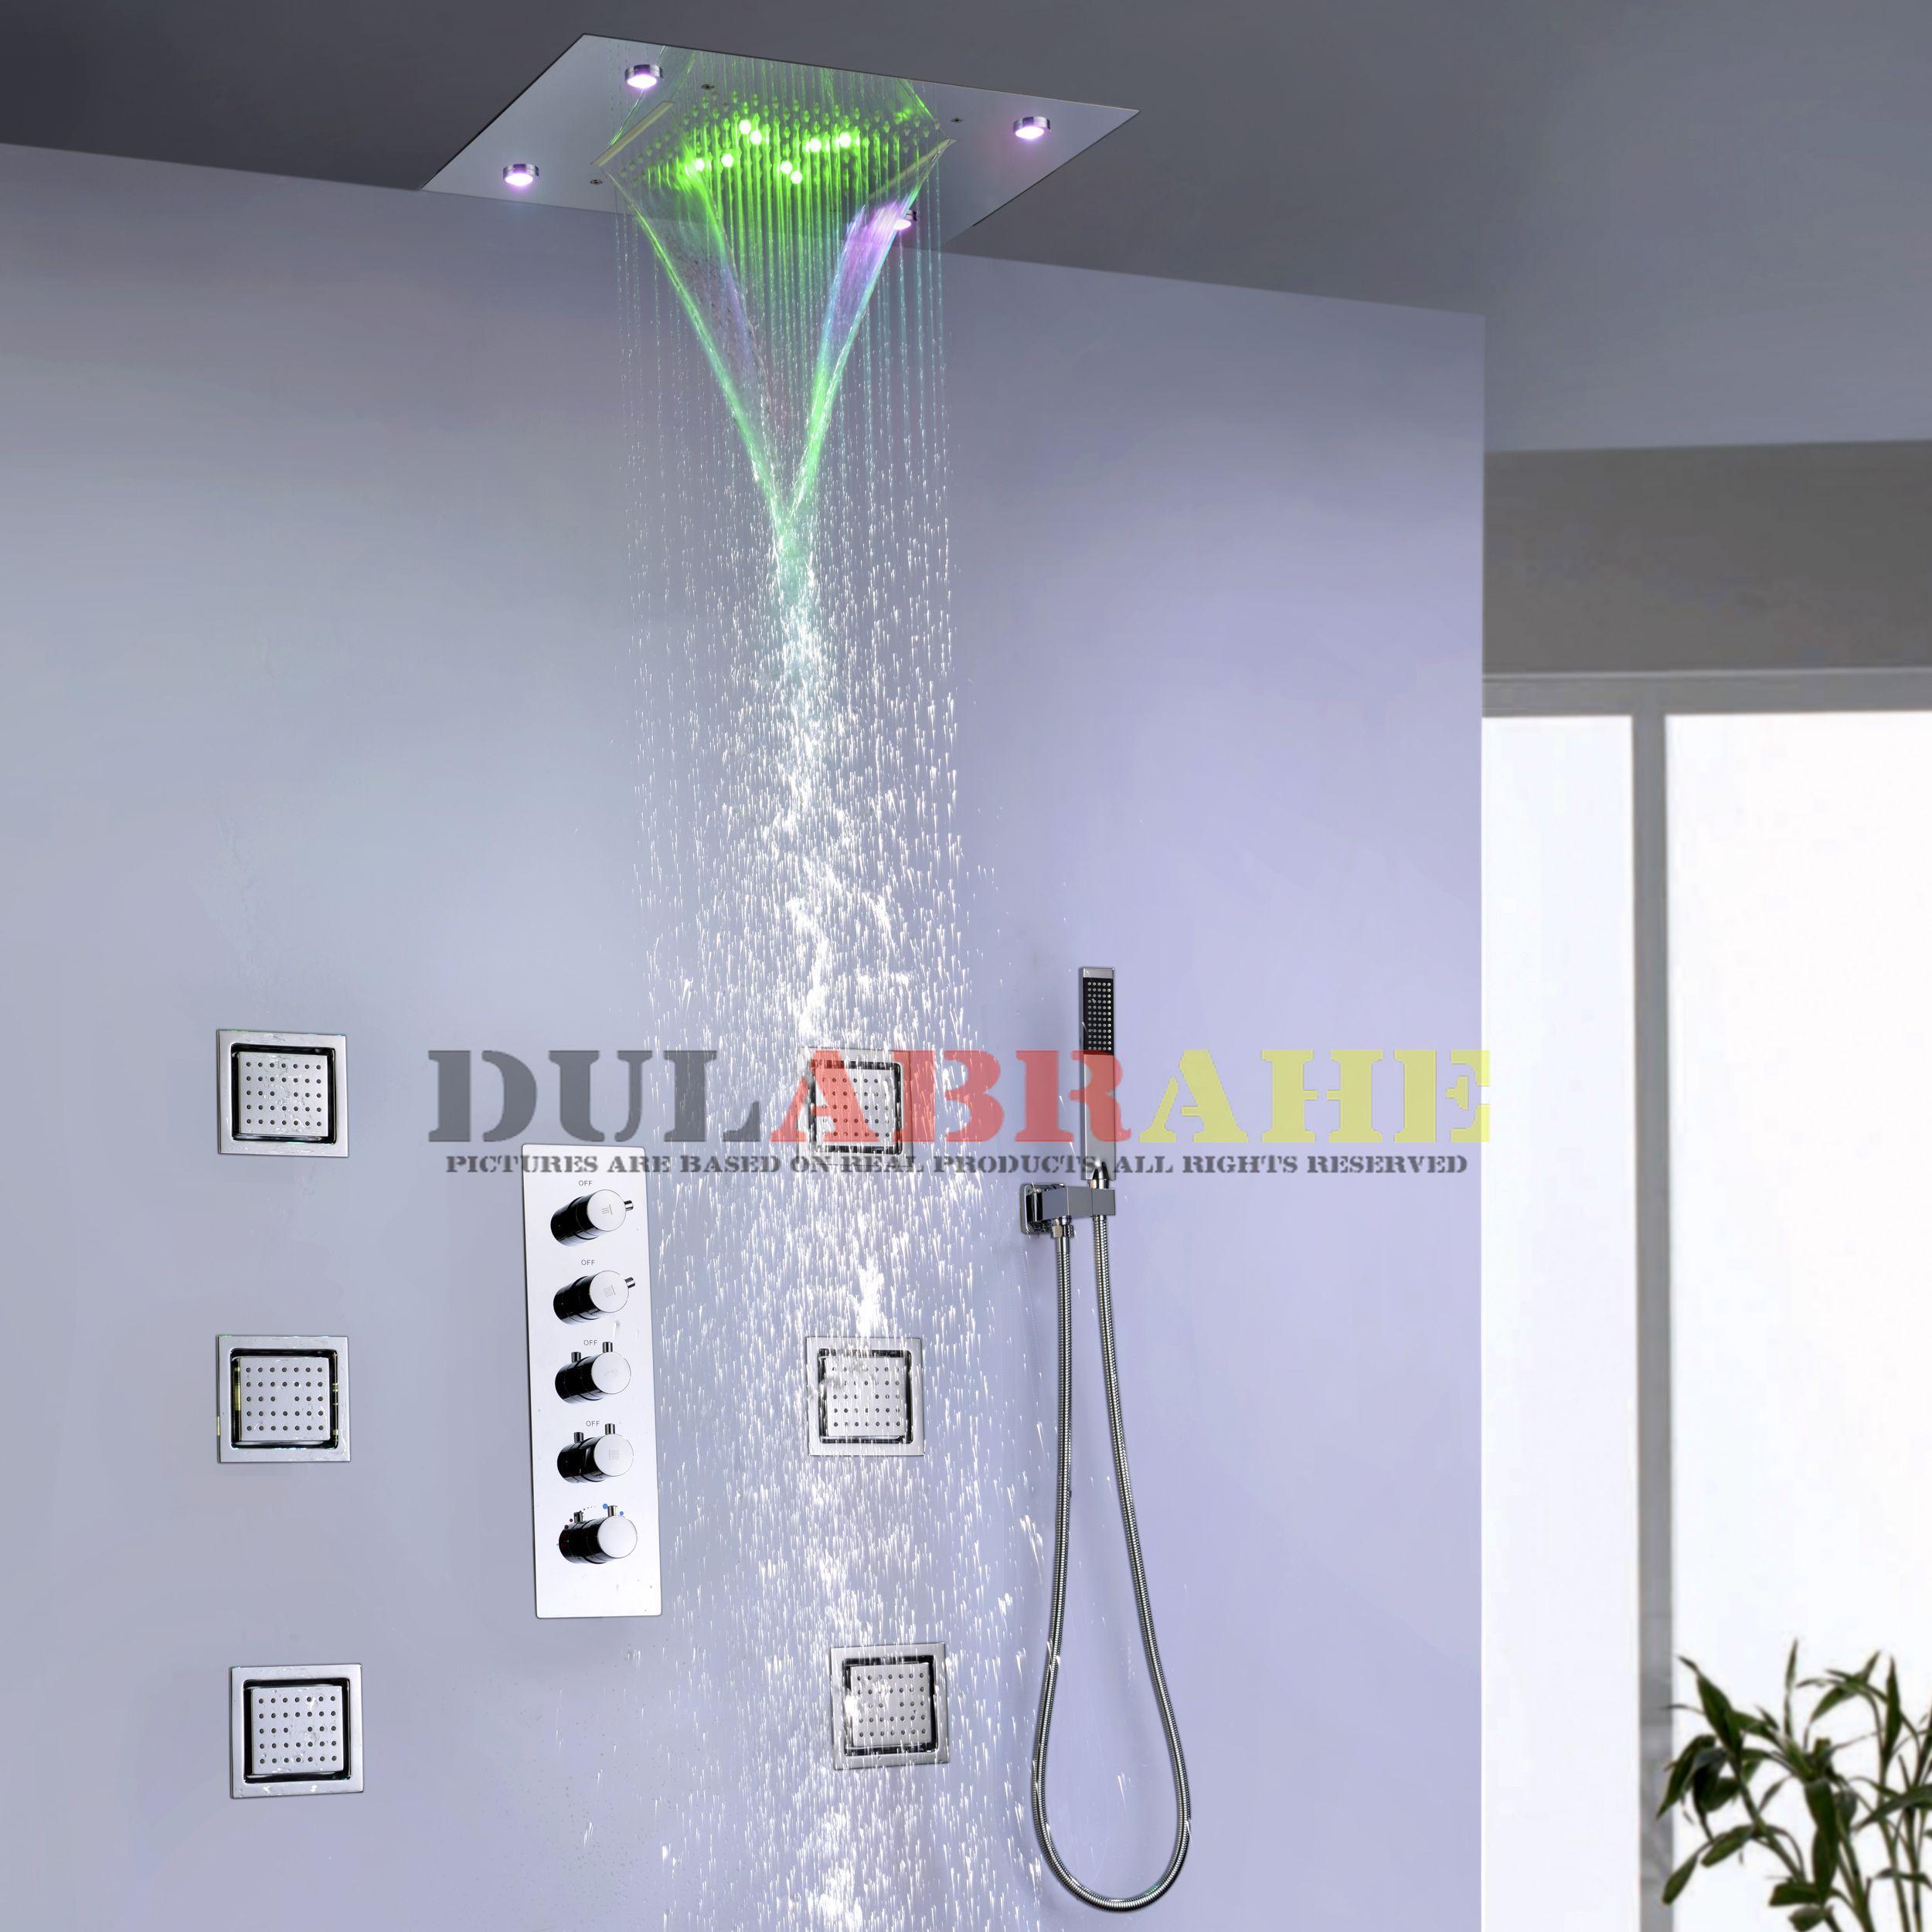 Thermostat Bad Mischer Bad Regen Dusche Wasserhahn Set Wasserfall Dusche System Decke LED Dusche Kopf